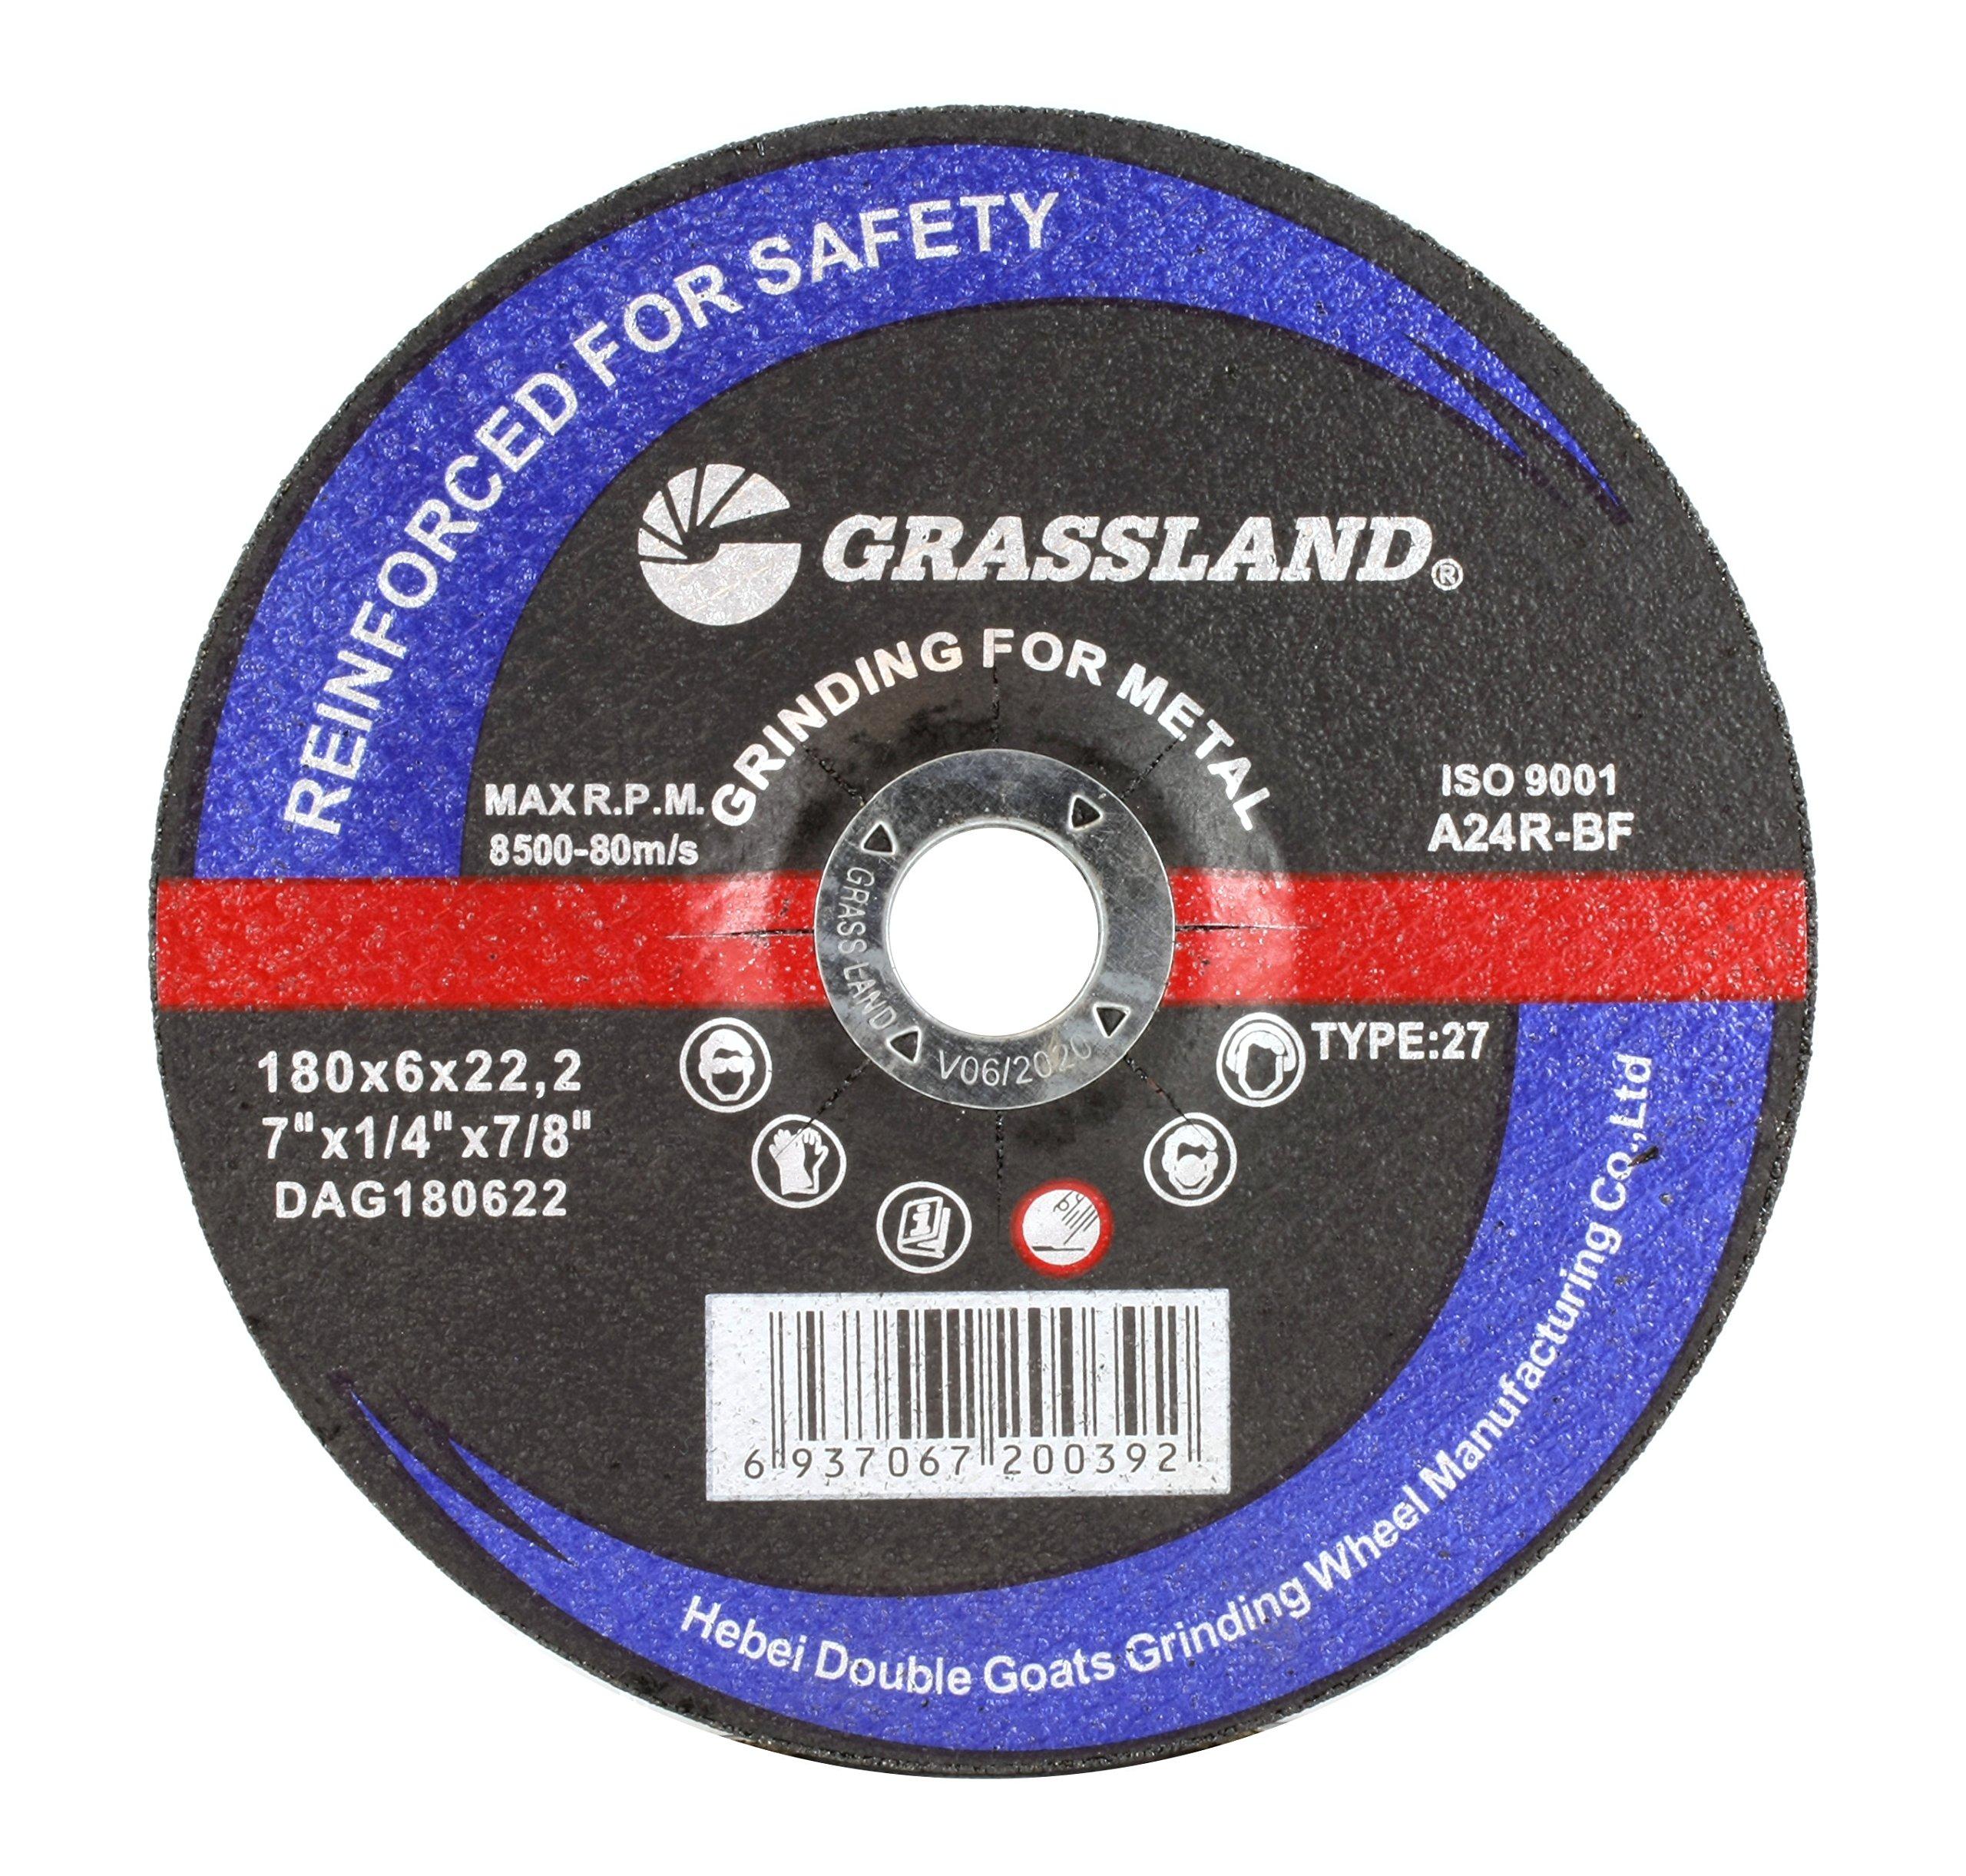 Grinding Disc, Steel Grinding Wheel - 7'' x 1/4'' x 7/8'' - T27 - (5 Pack)